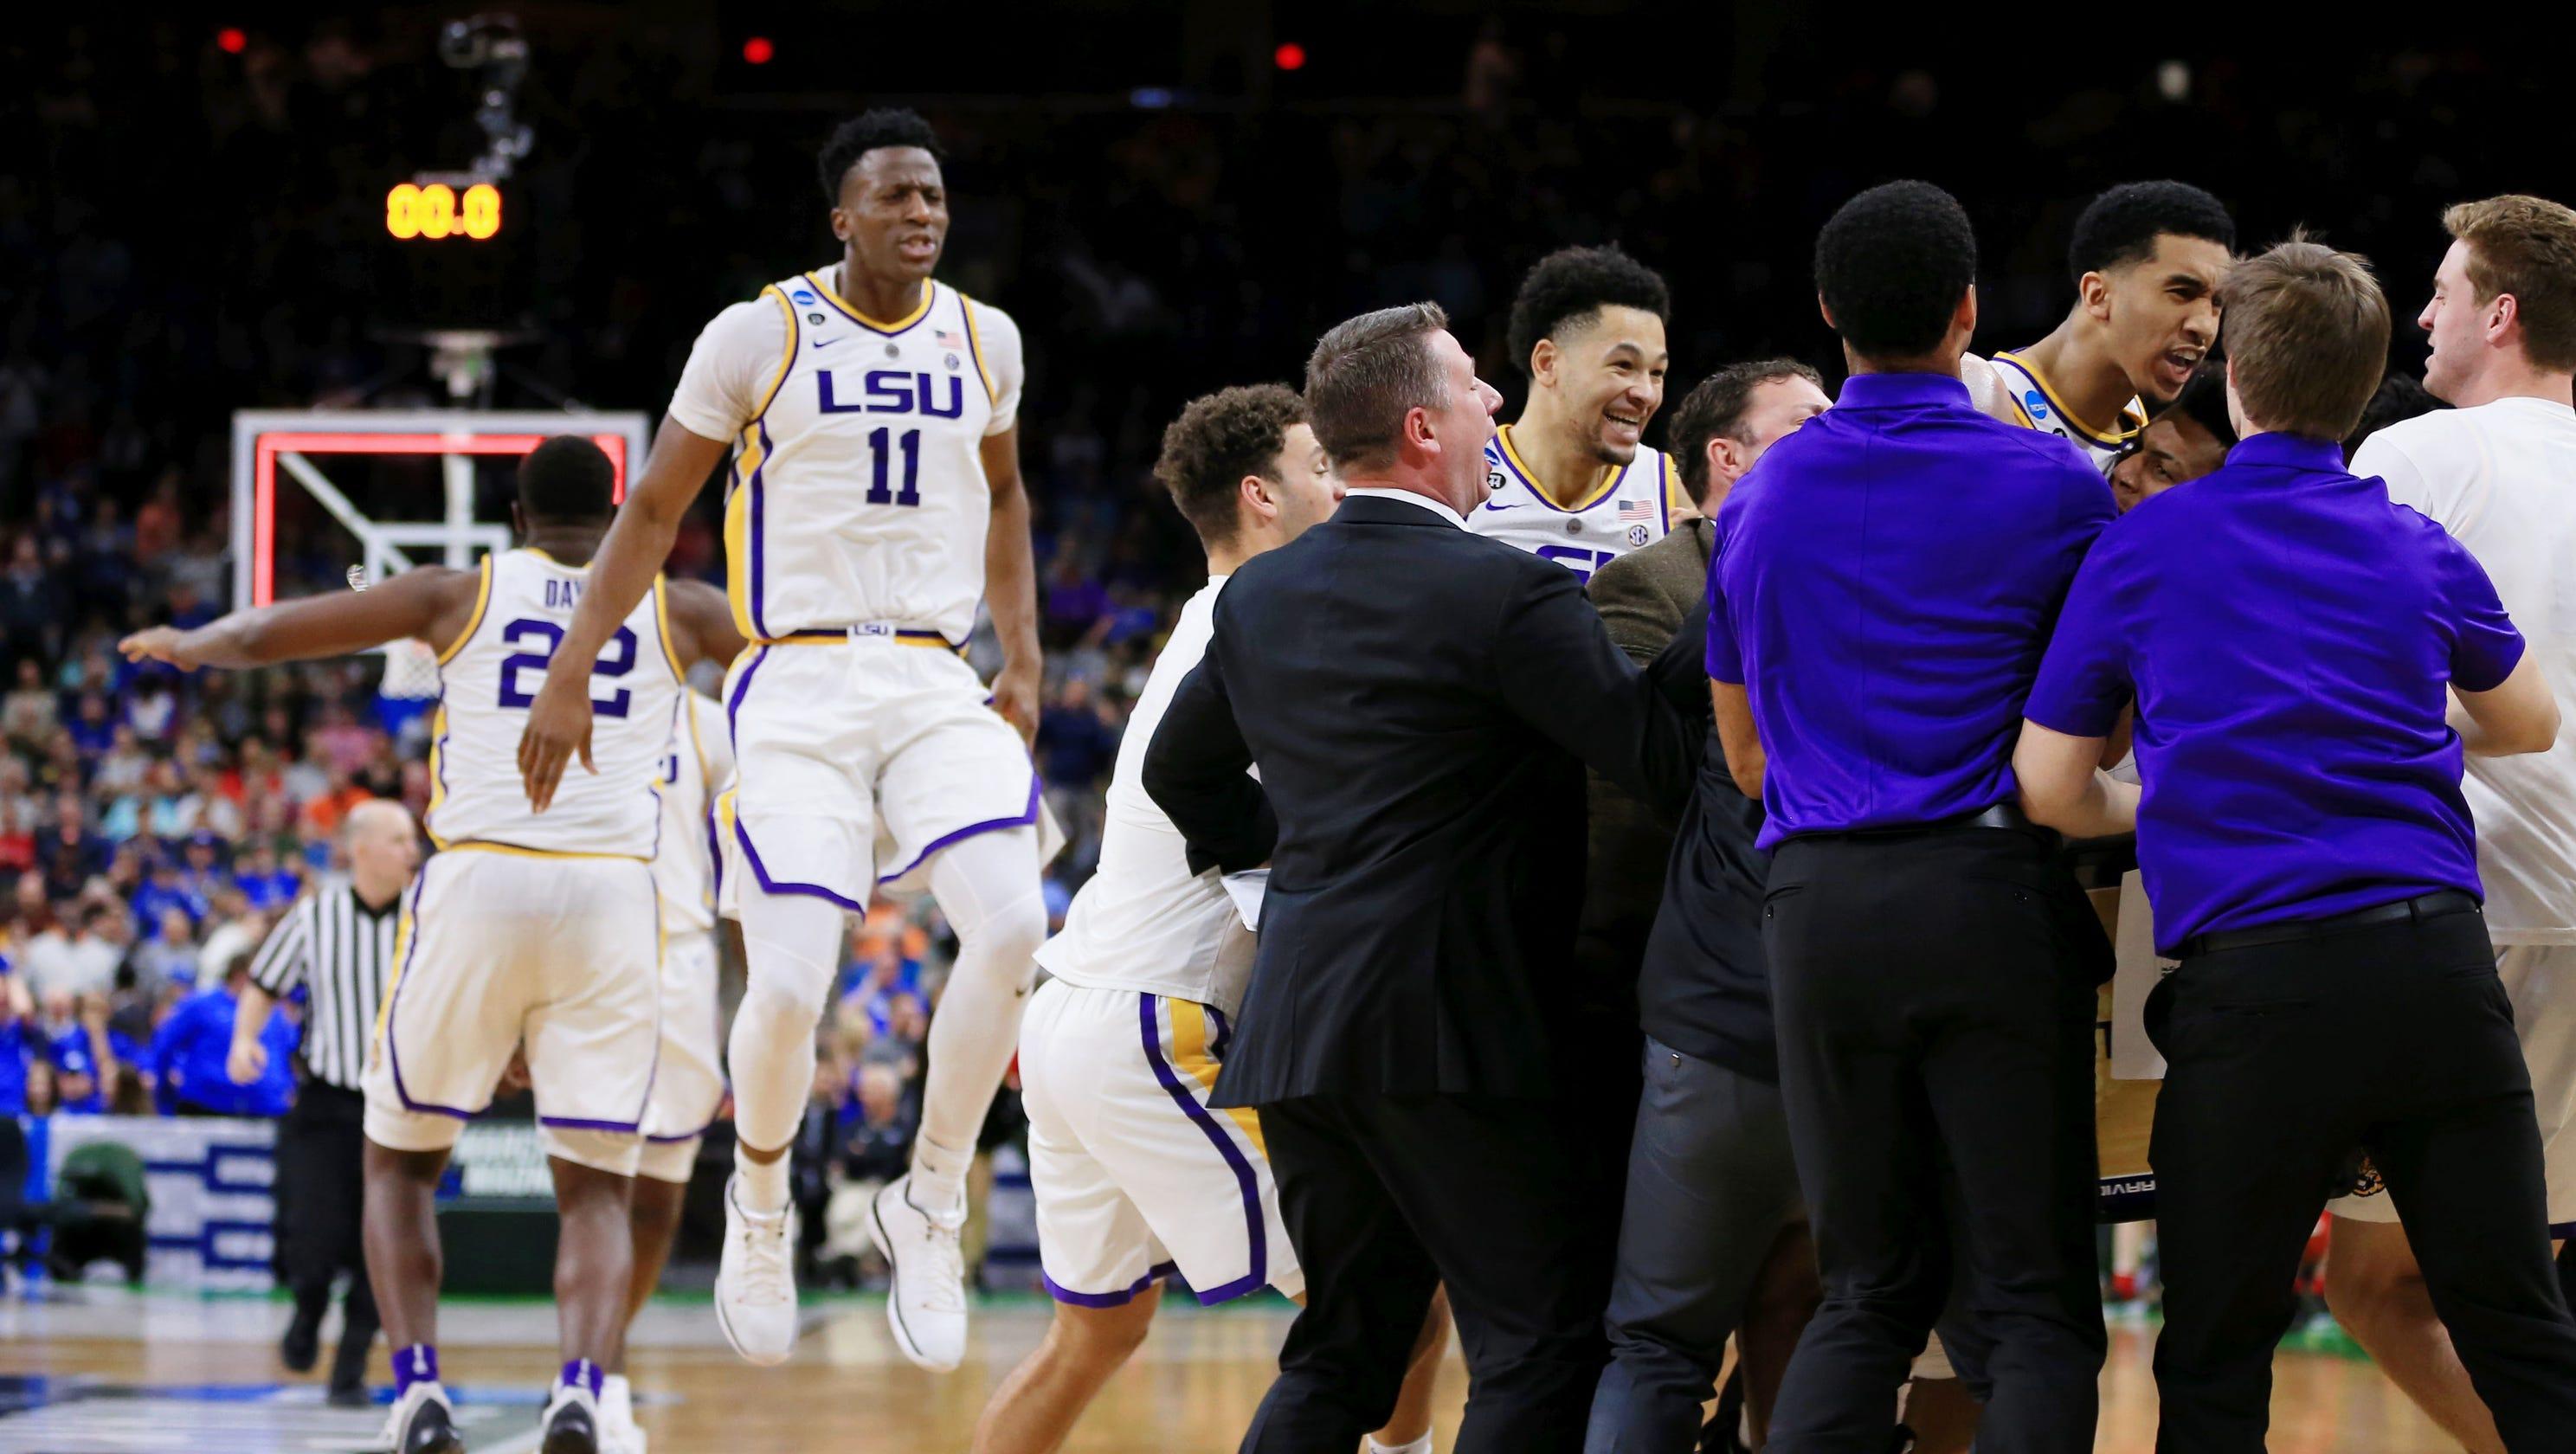 March Madness 2019: Watch LSU Basketball Celebrate Win